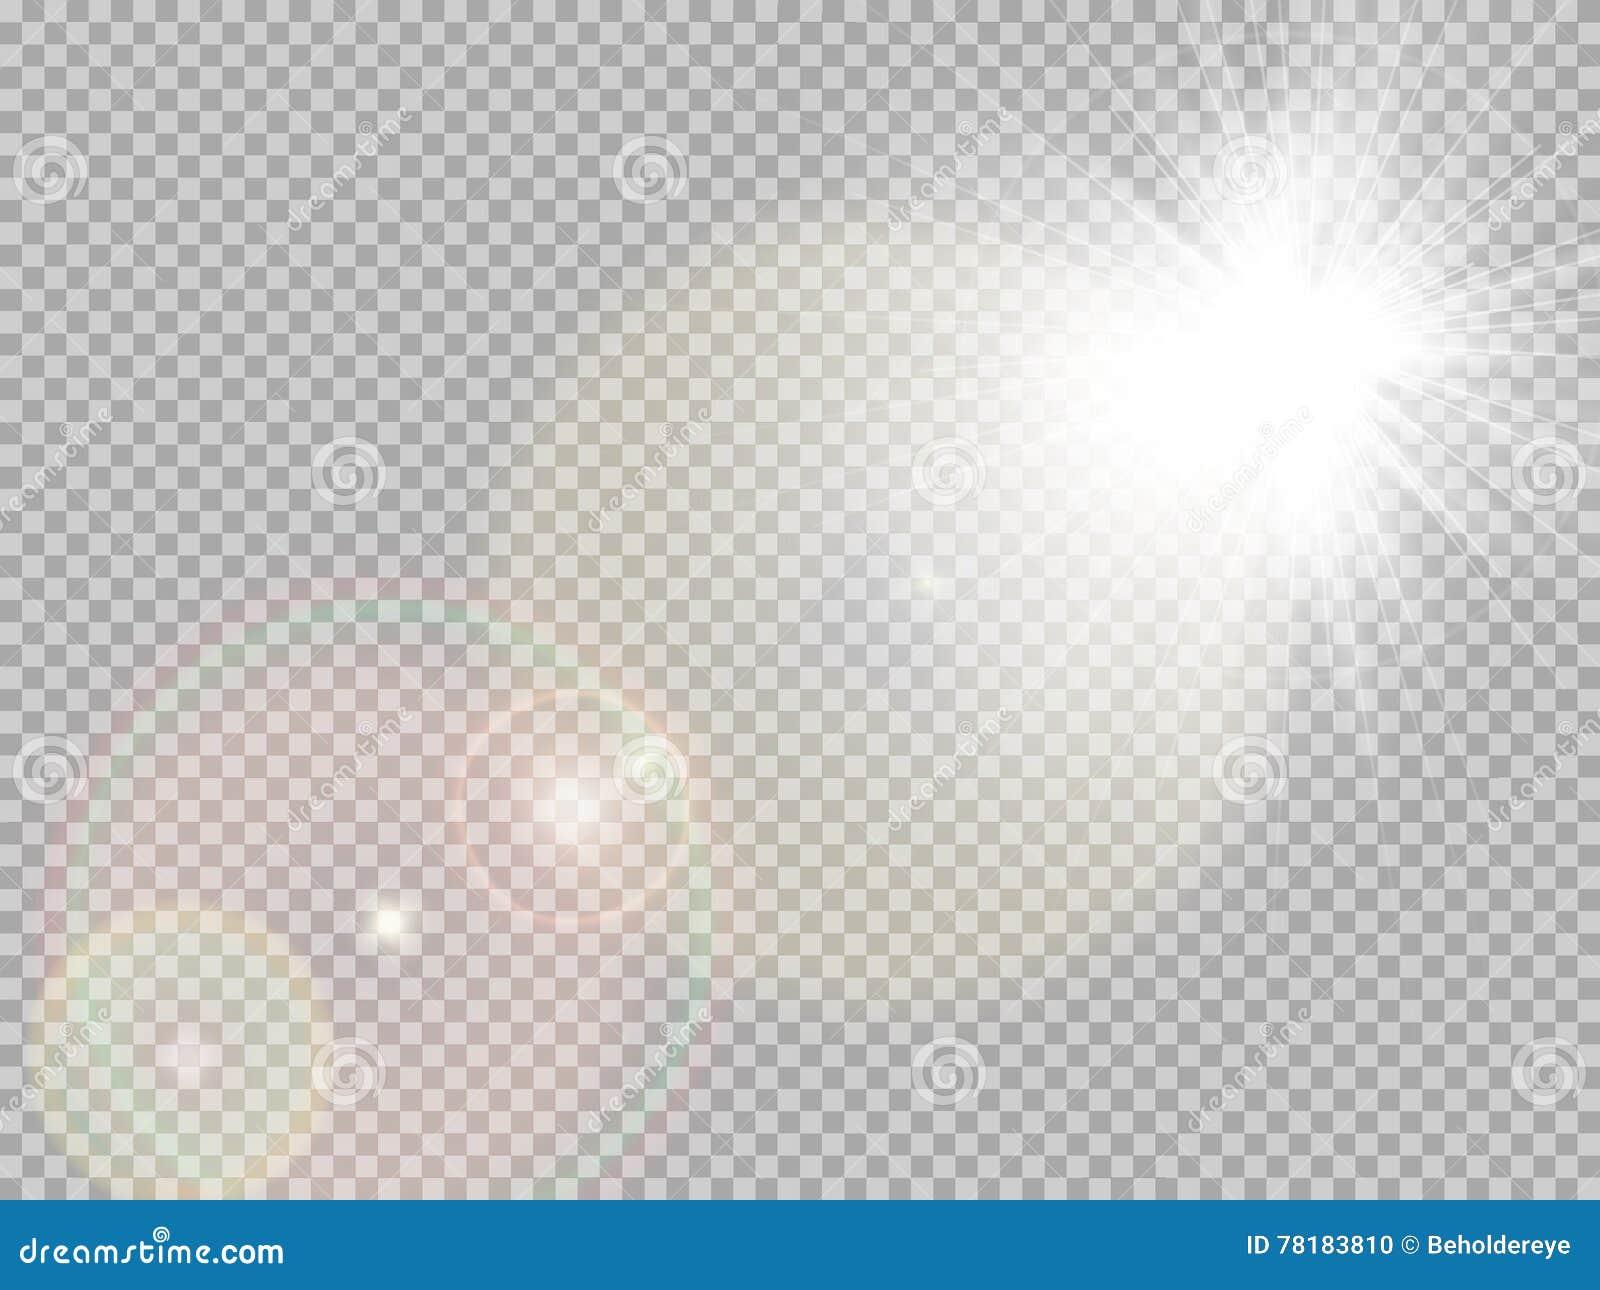 阳光特别透镜火光 10 eps